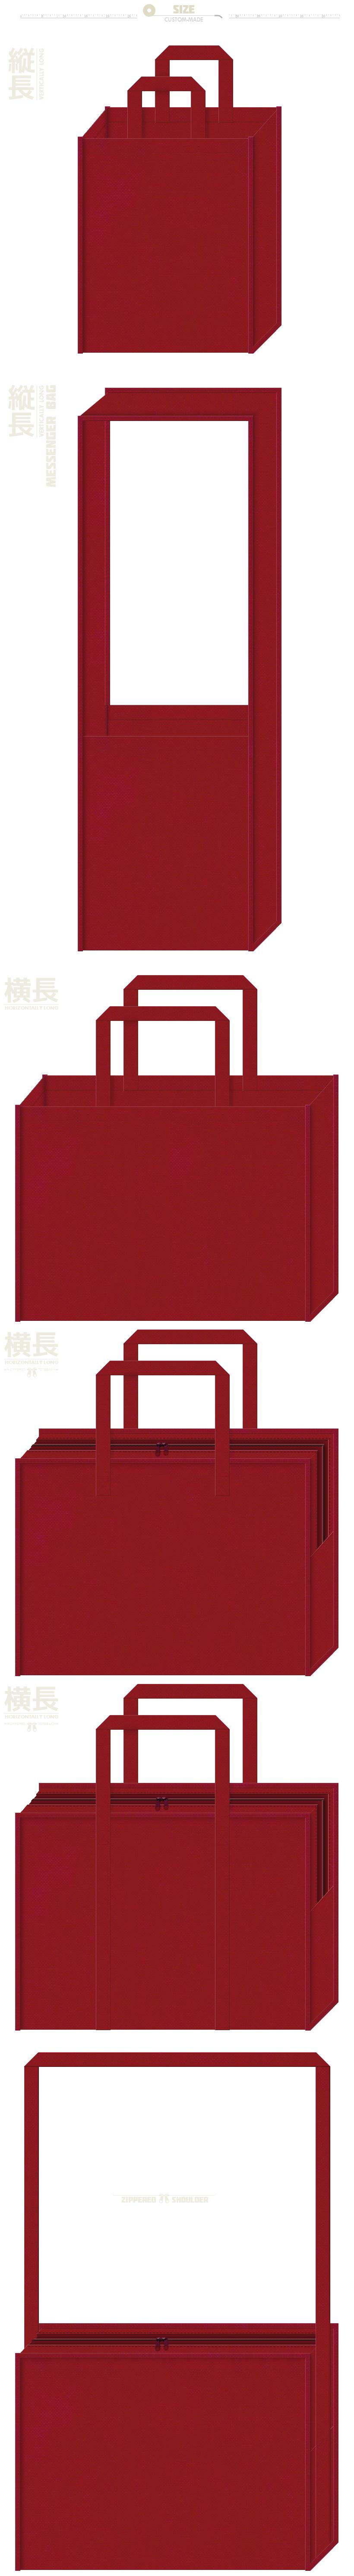 エンジ色の不織布トートバッグにお奨めのイメージ:プラム・葡萄・舞台の緞帳・絨毯・ワインボトル・ソファー・ハイヒール・ネイル